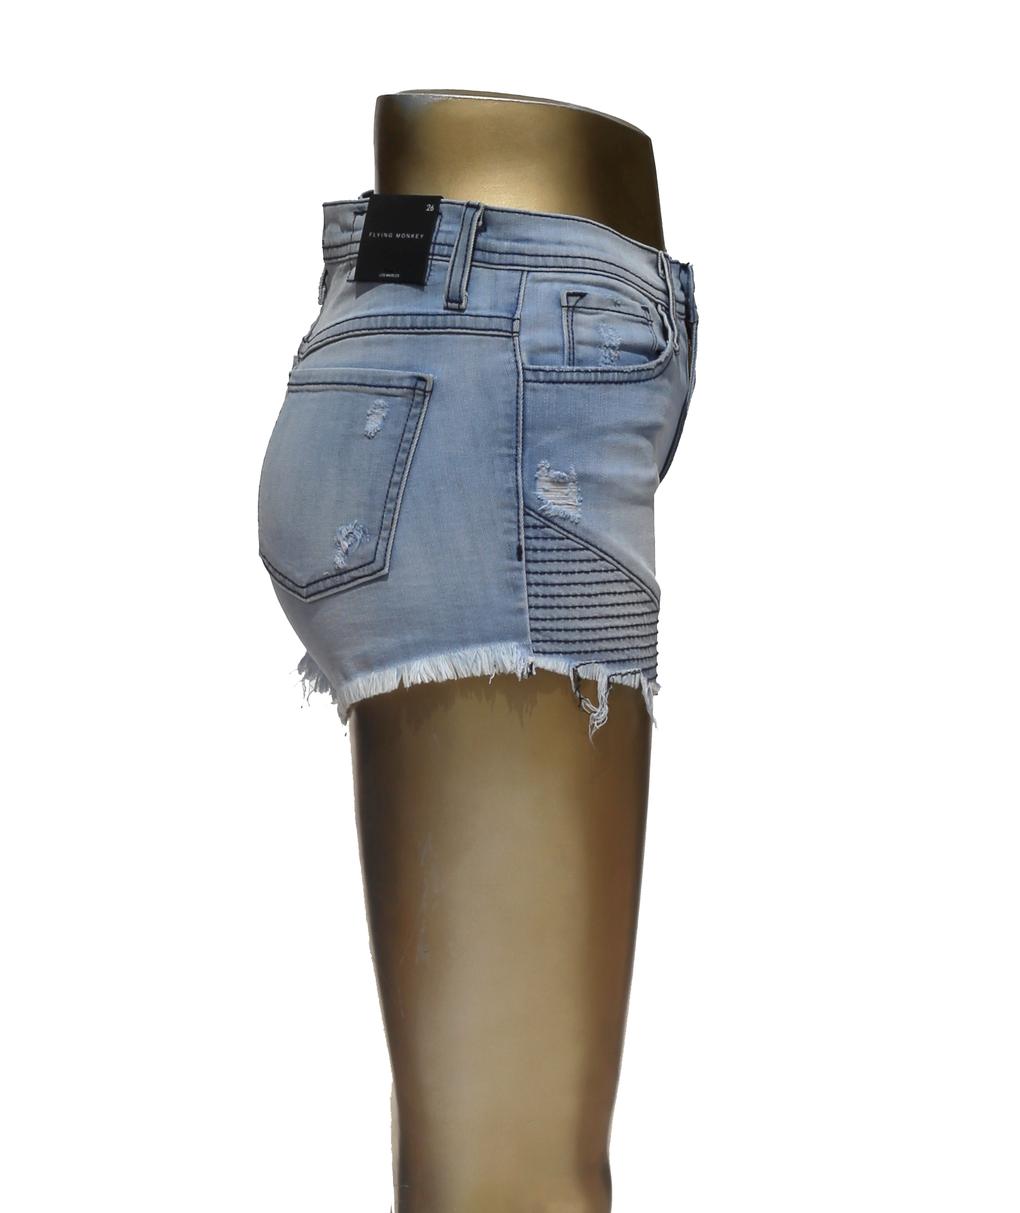 en volant Monkey Jeans Taille Haute Denim Moto courte Neuf avec étiquettes 26 in (environ 66.04 cm) lumière Wash Effiloché